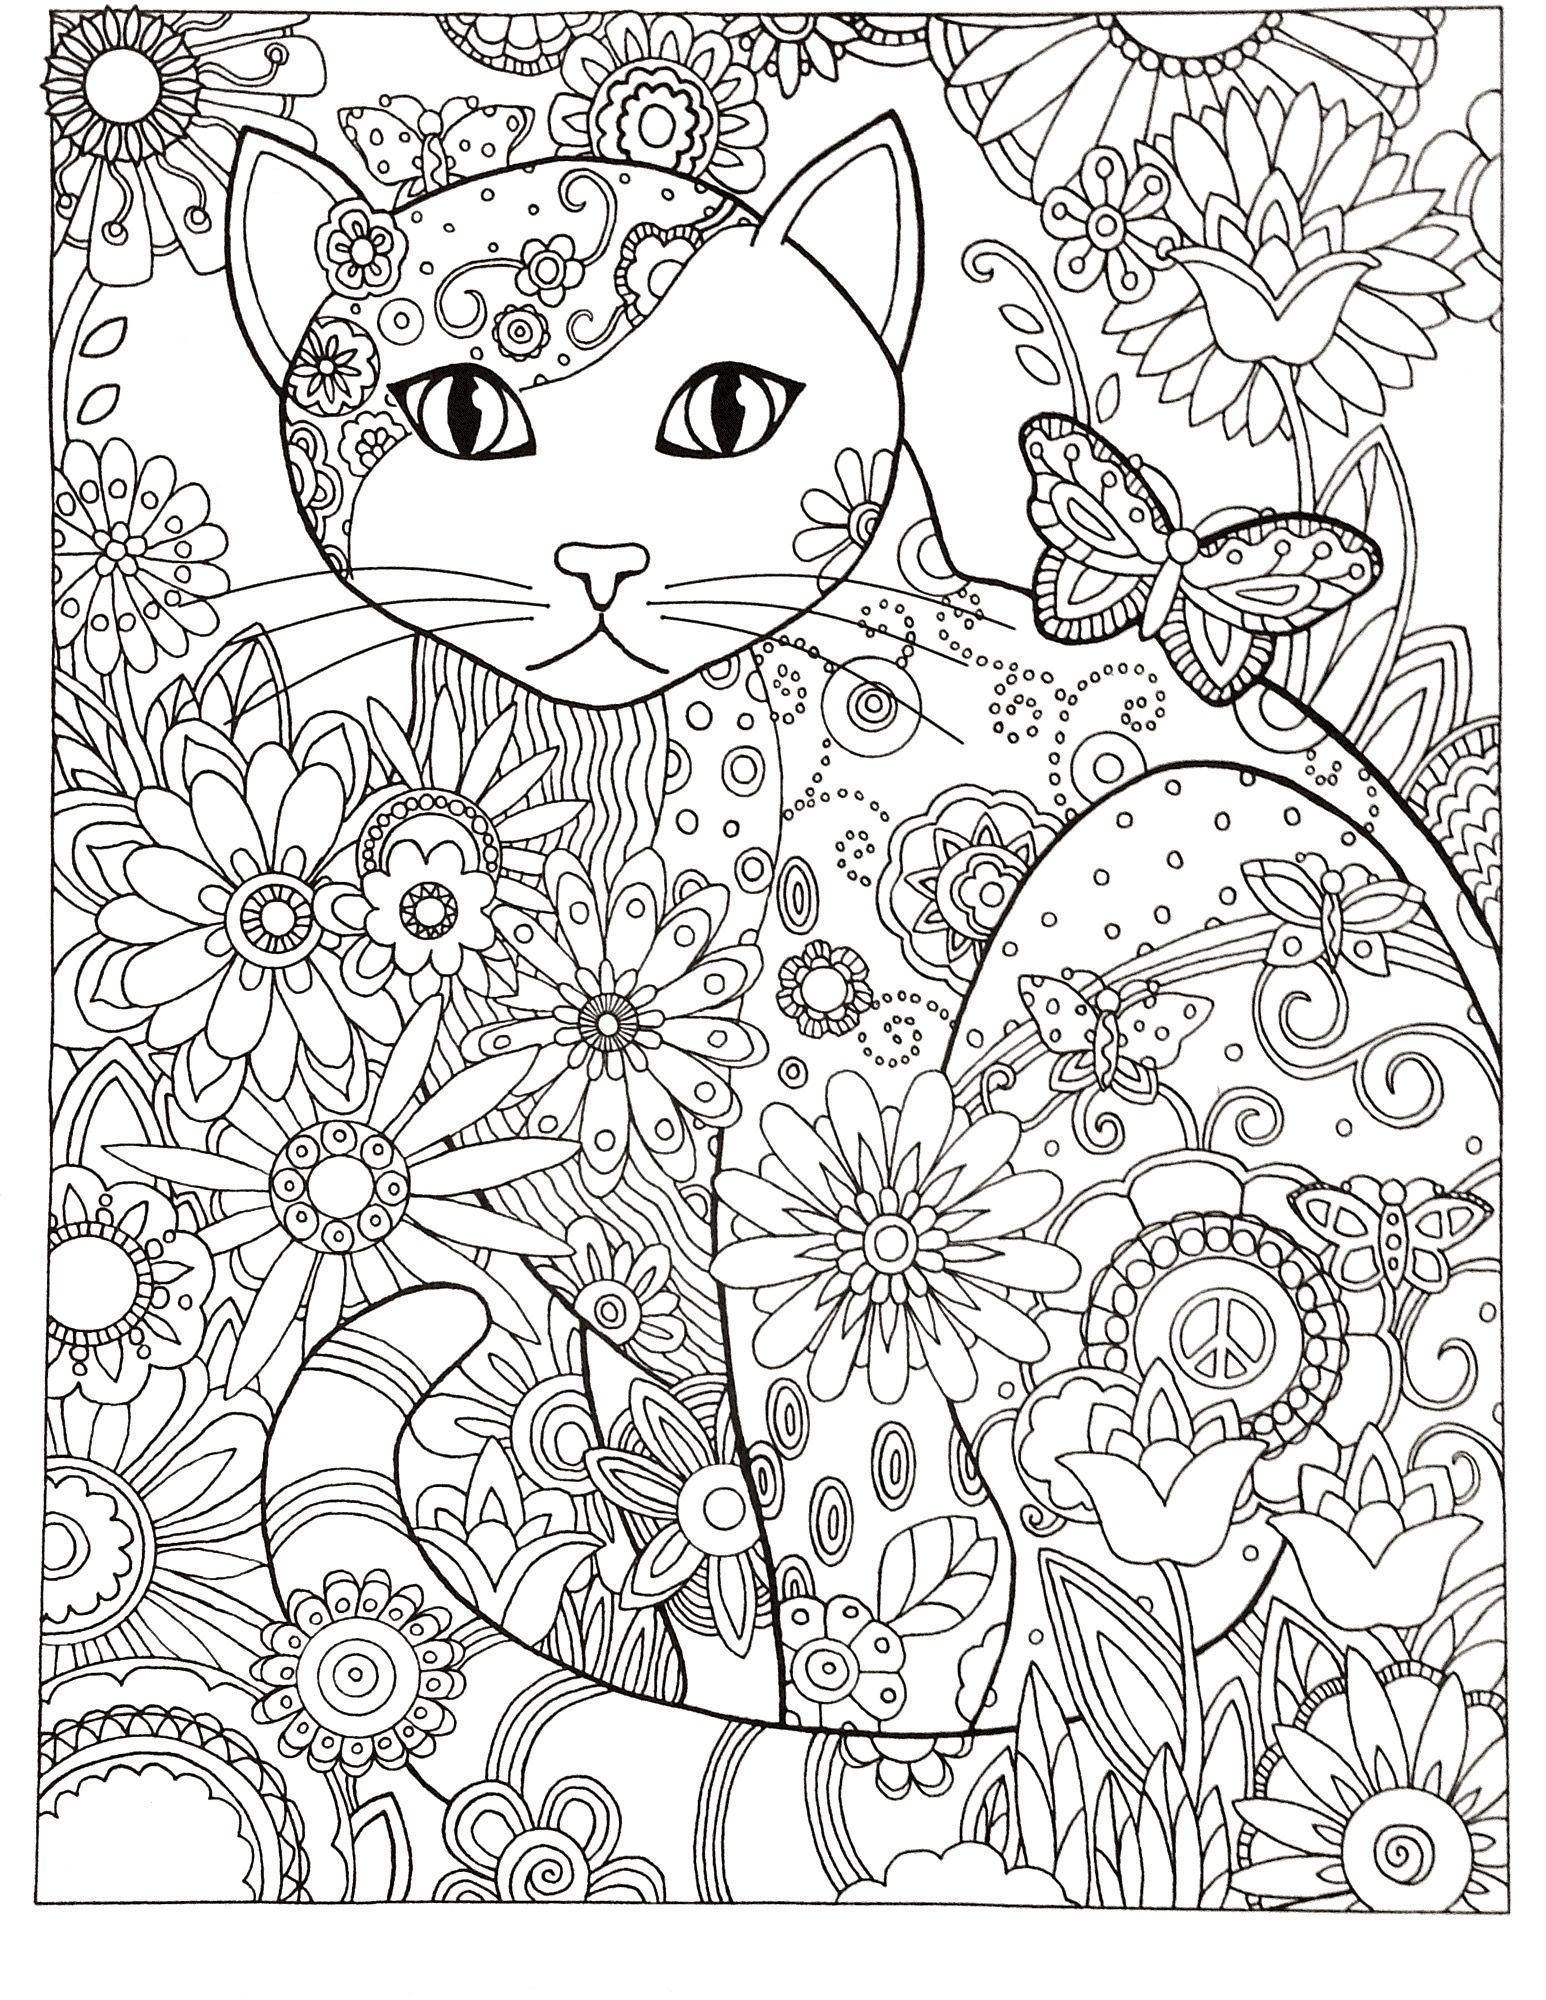 Pin de Michelle Schmidt en Coloring Pages | Pinterest